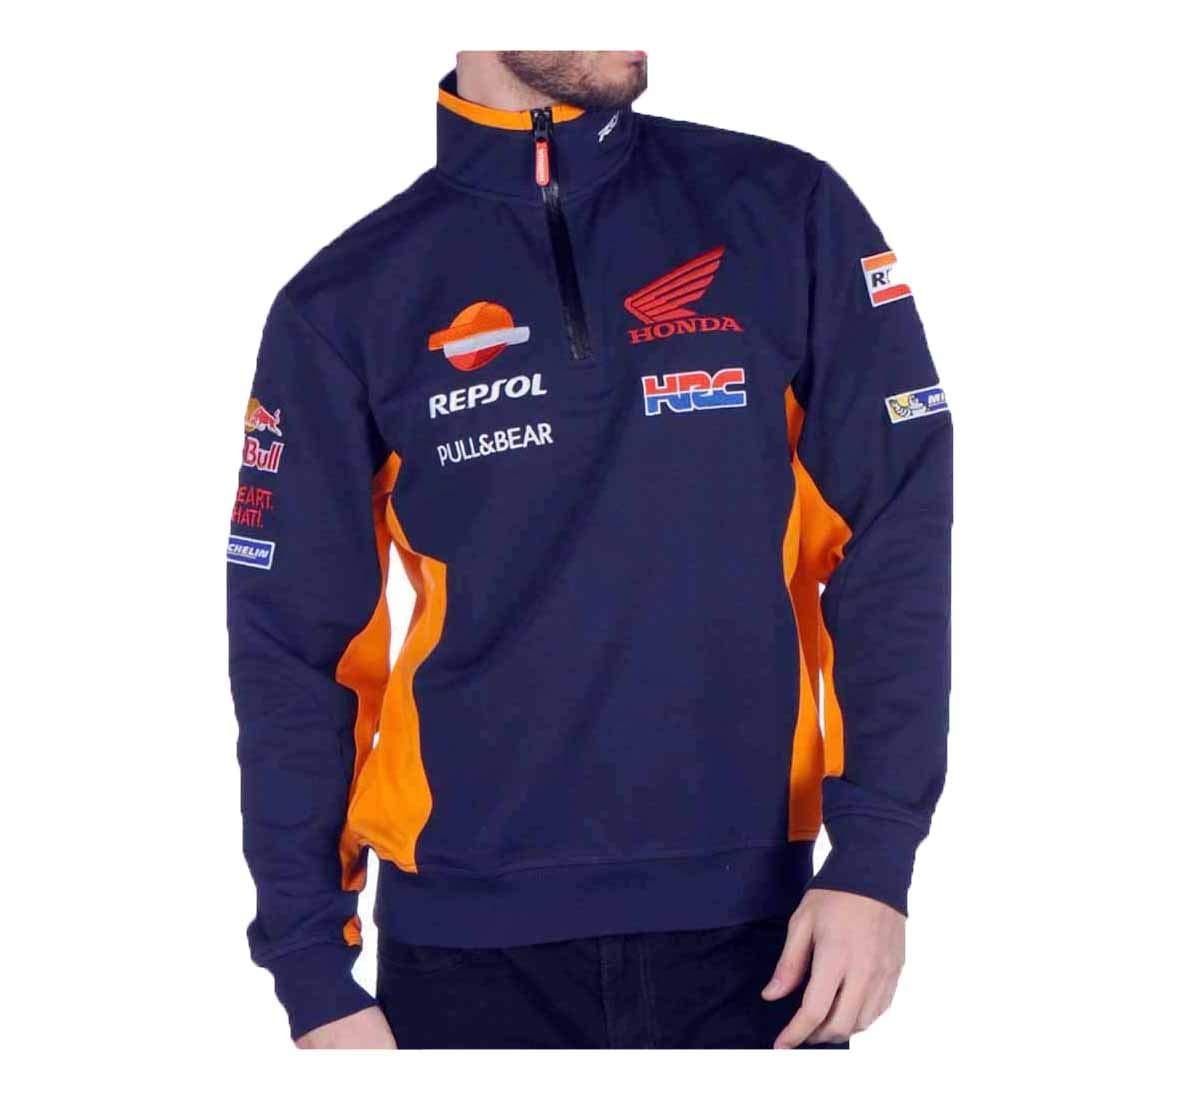 HONDA Repsol Moto GP Teamwear Replica Azul Sweatshirt Oficial Nuovo: Amazon.es: Coche y moto